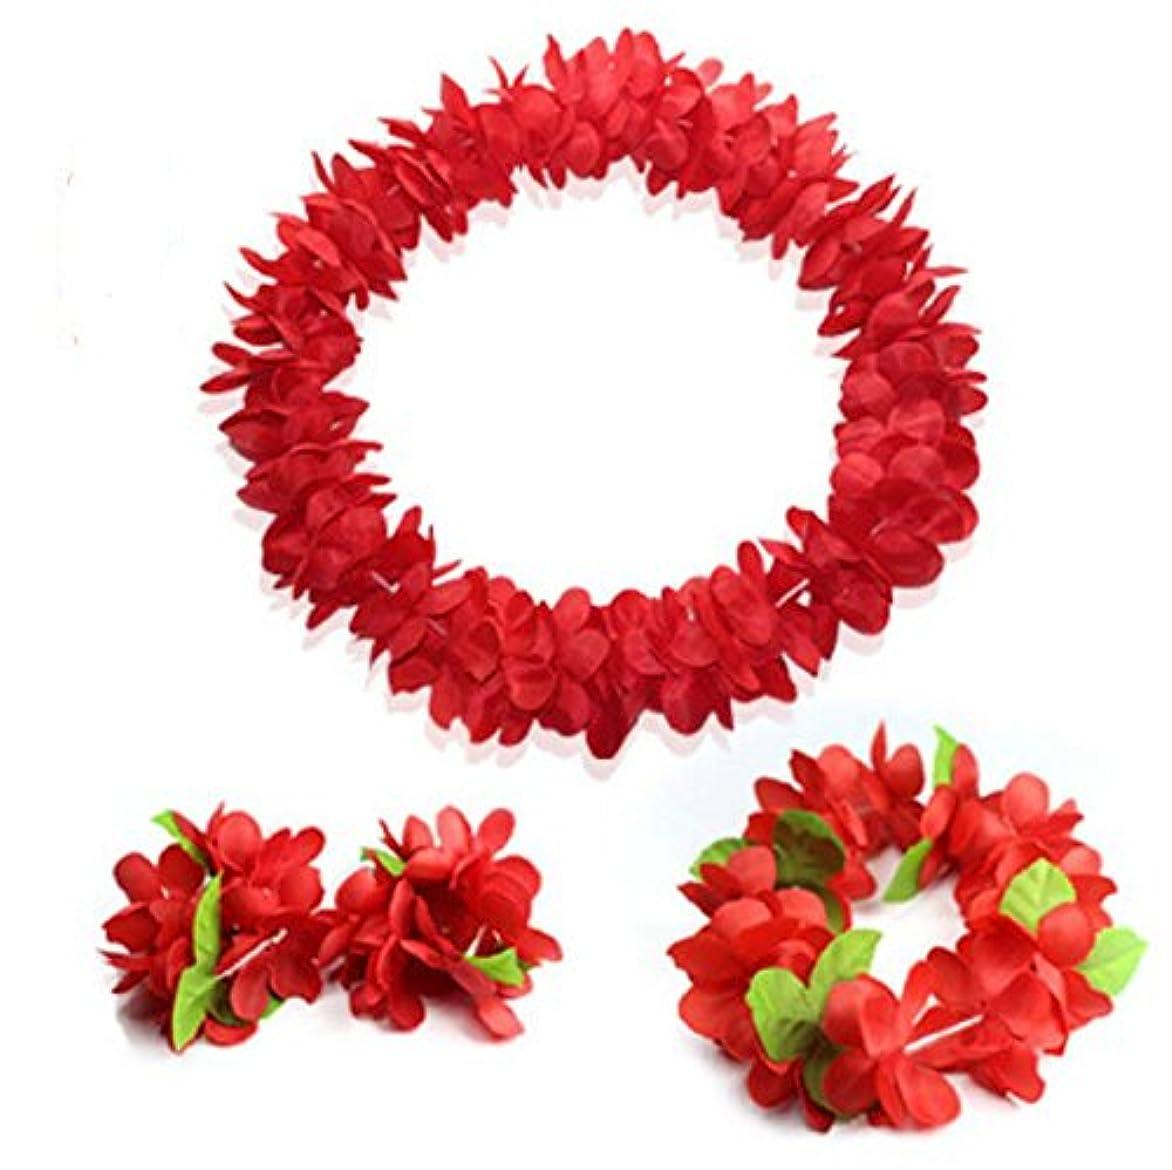 杭十分マーキングトロピカルプラスチックガーランドフラワーハワイアンアイランドパーティーデコレーション1ネックリングとヘッドバンド+ 3ブレスレット (色 : Red)